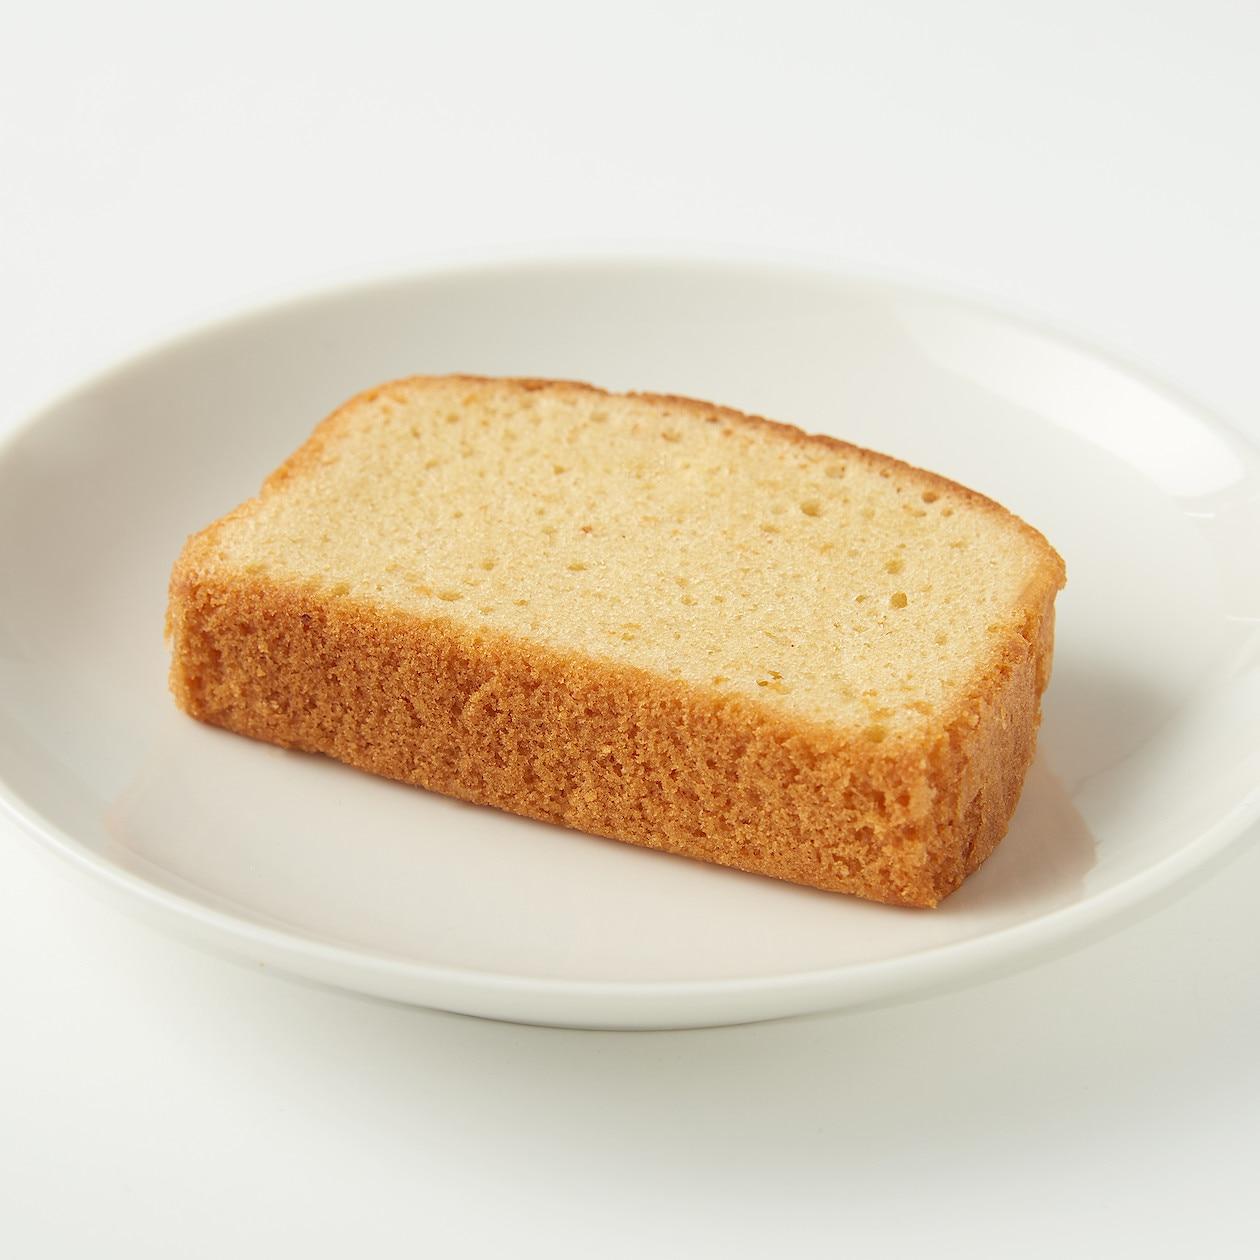 糖質10g以下のお菓子 パウンドケーキ